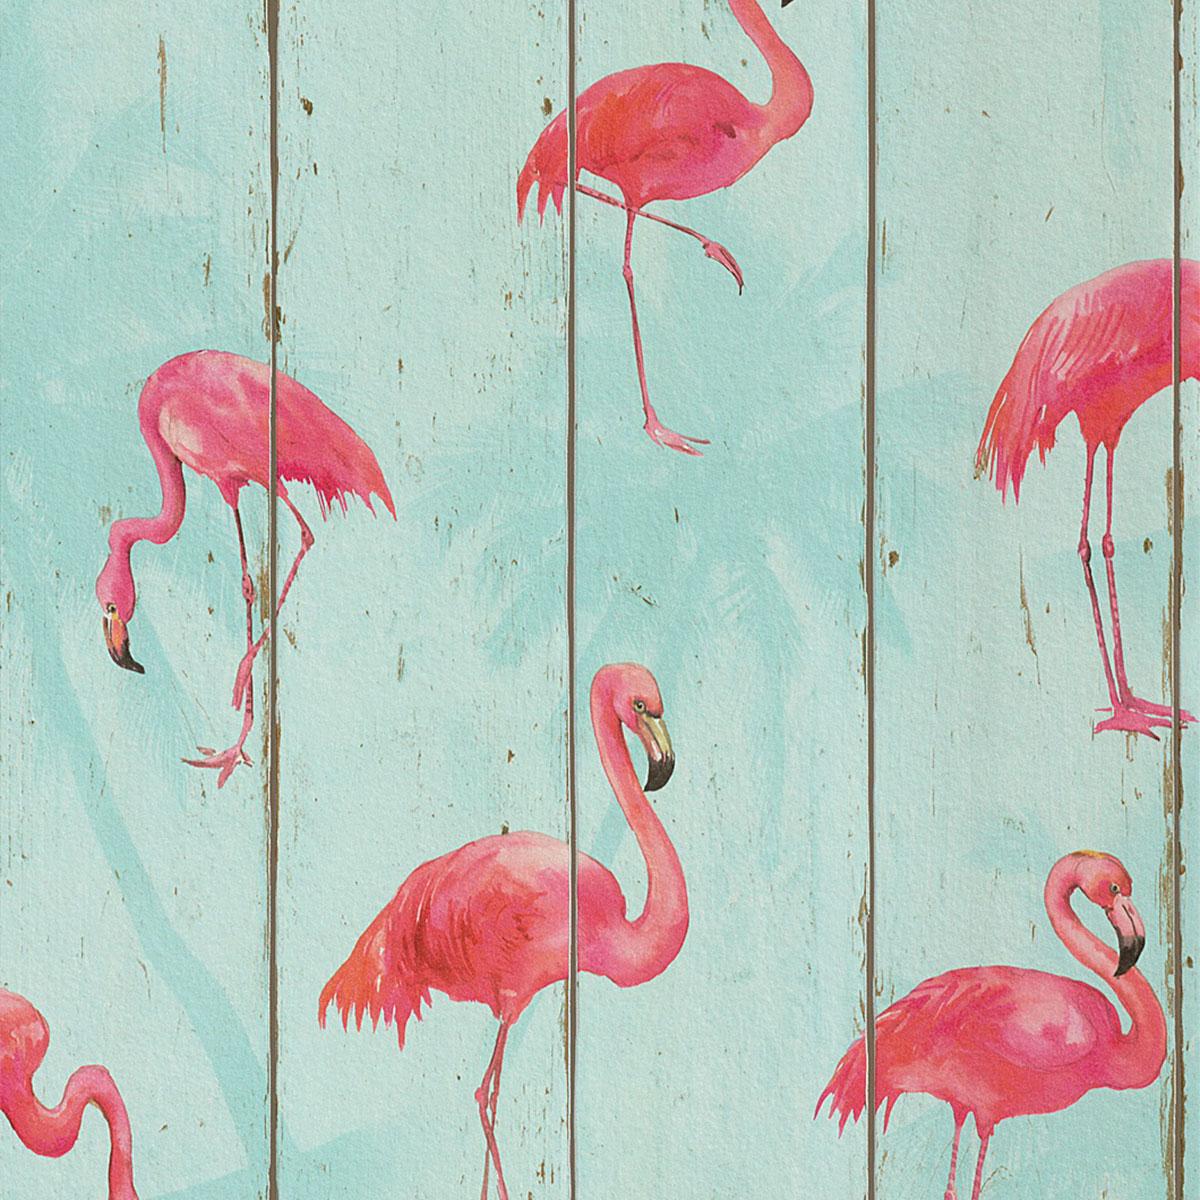 Papel de Parede Flamingo Madeira Rustica Adesivo